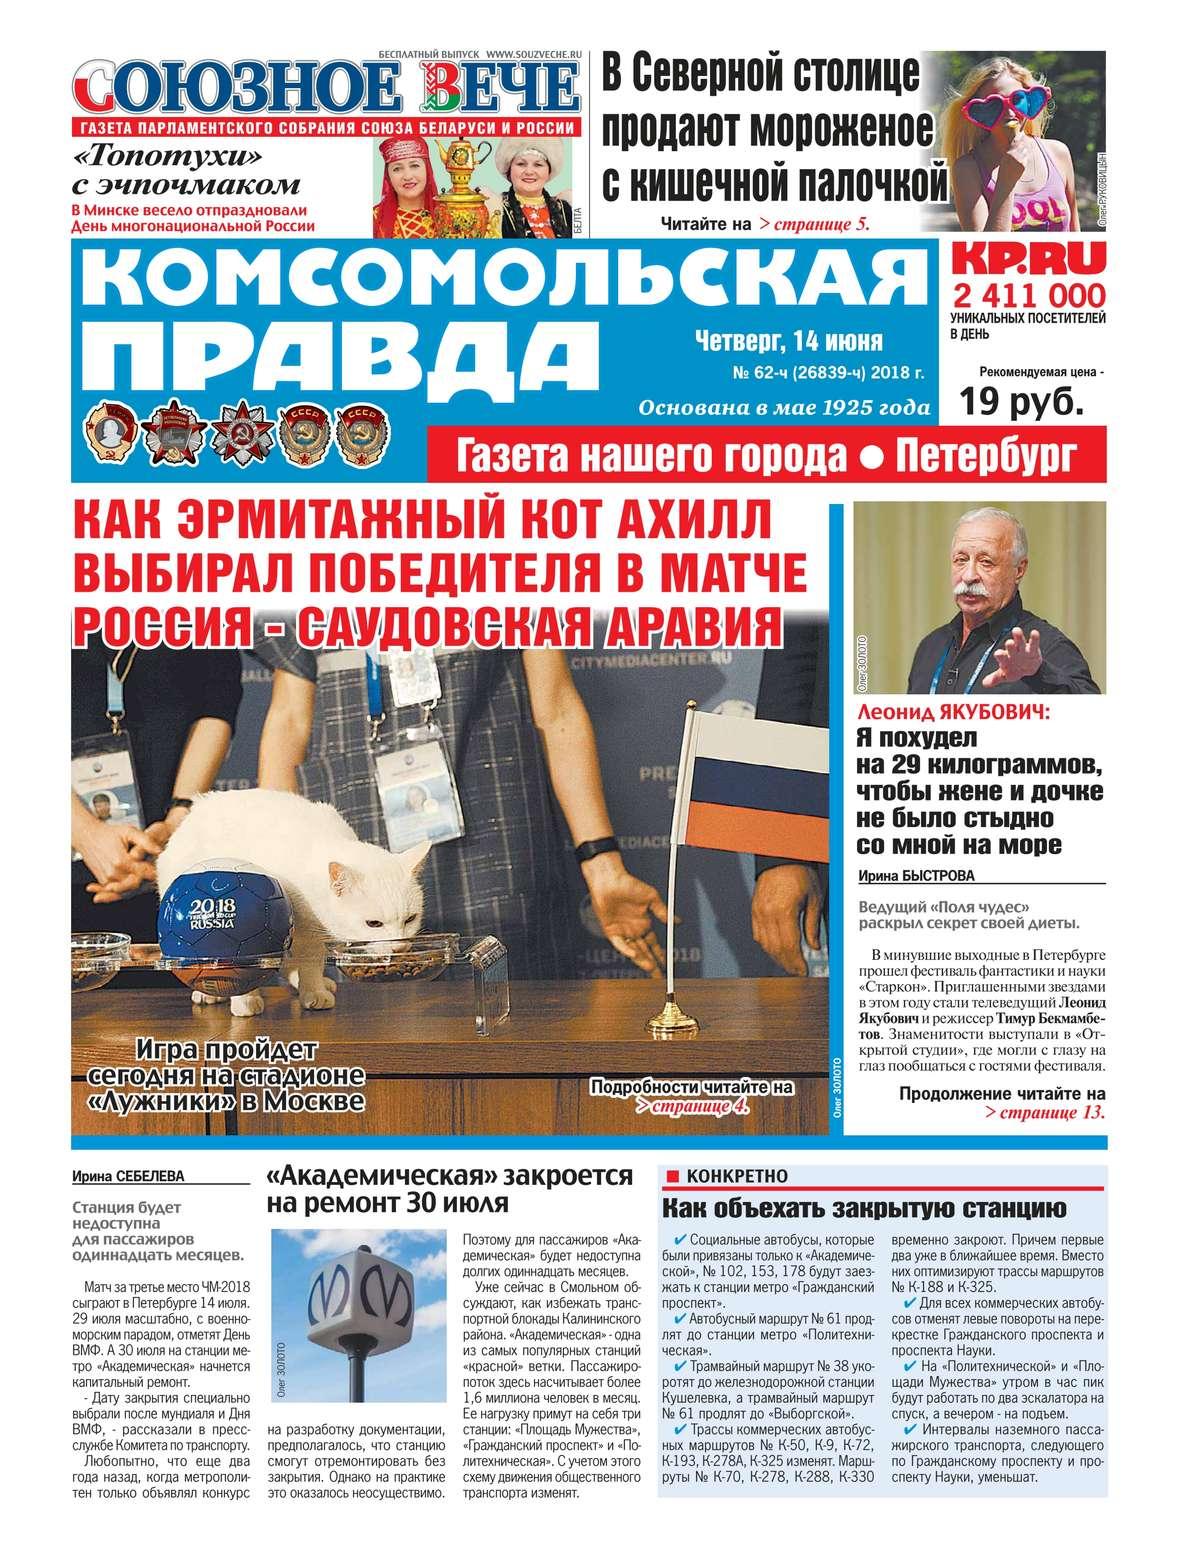 Редакция газеты Комсомольская Правда. - Комсомольская Правда. - 62ч-2018